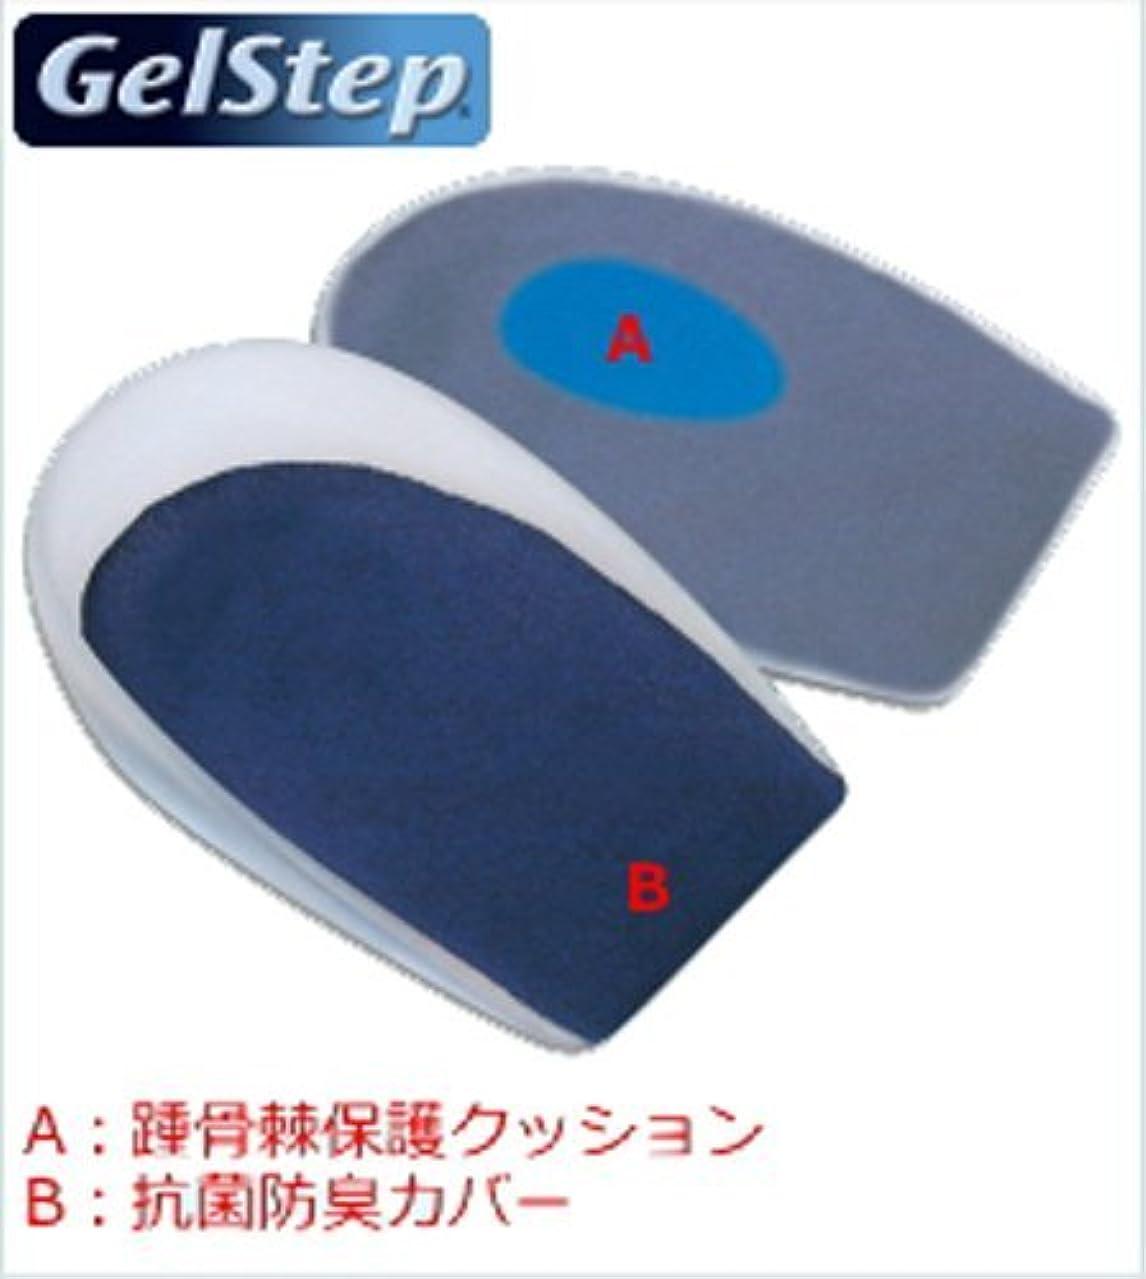 生カナダ値シリコン?ヒールカップ 高反発タイプ 踵骨棘保護クッション付き(5054 SC S-Gel)